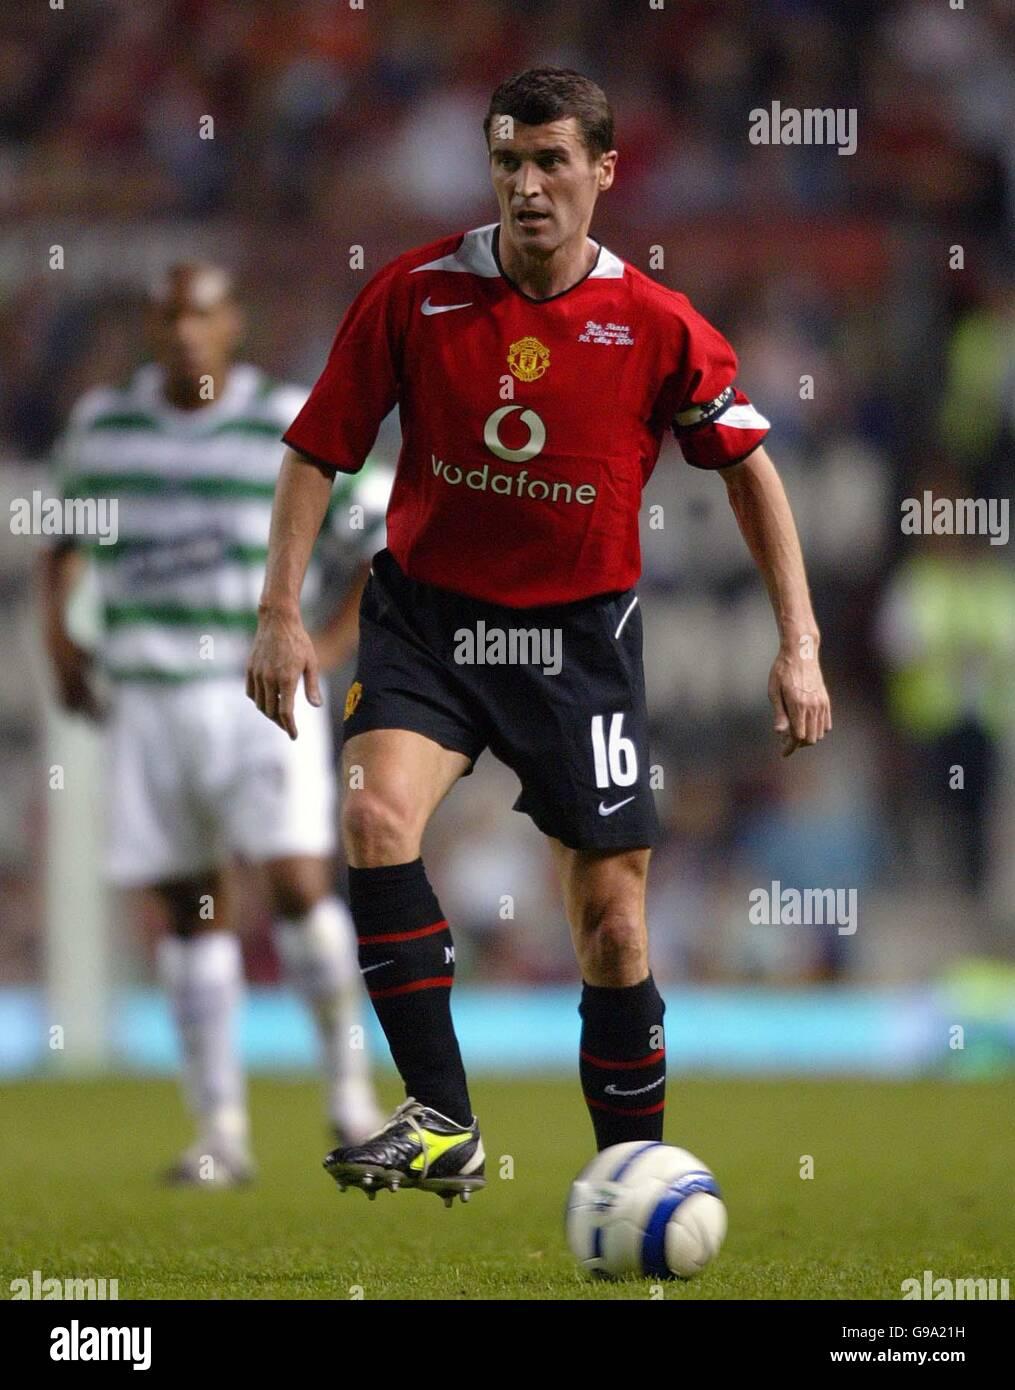 8d3265233ed Soccer - Roy Keane Testimonial - Manchester United v Celtic - Old Trafford  - Stock Image